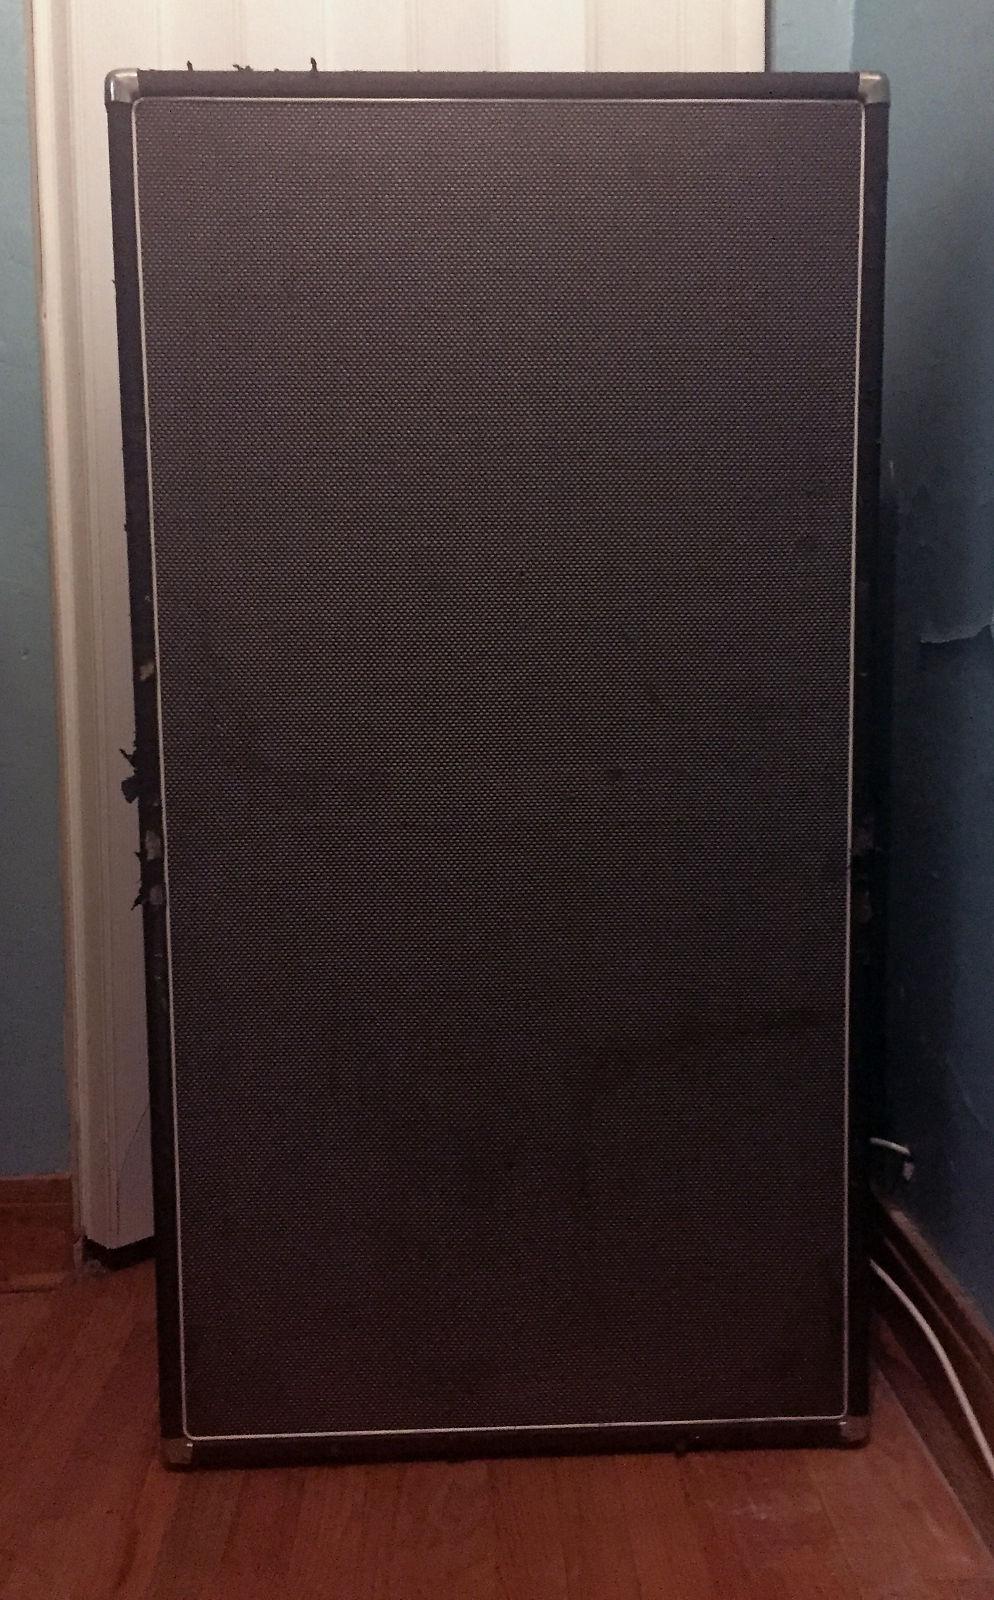 Ampeg Svt 810av Anniversary 8x10 Bass Cabinet Reverb